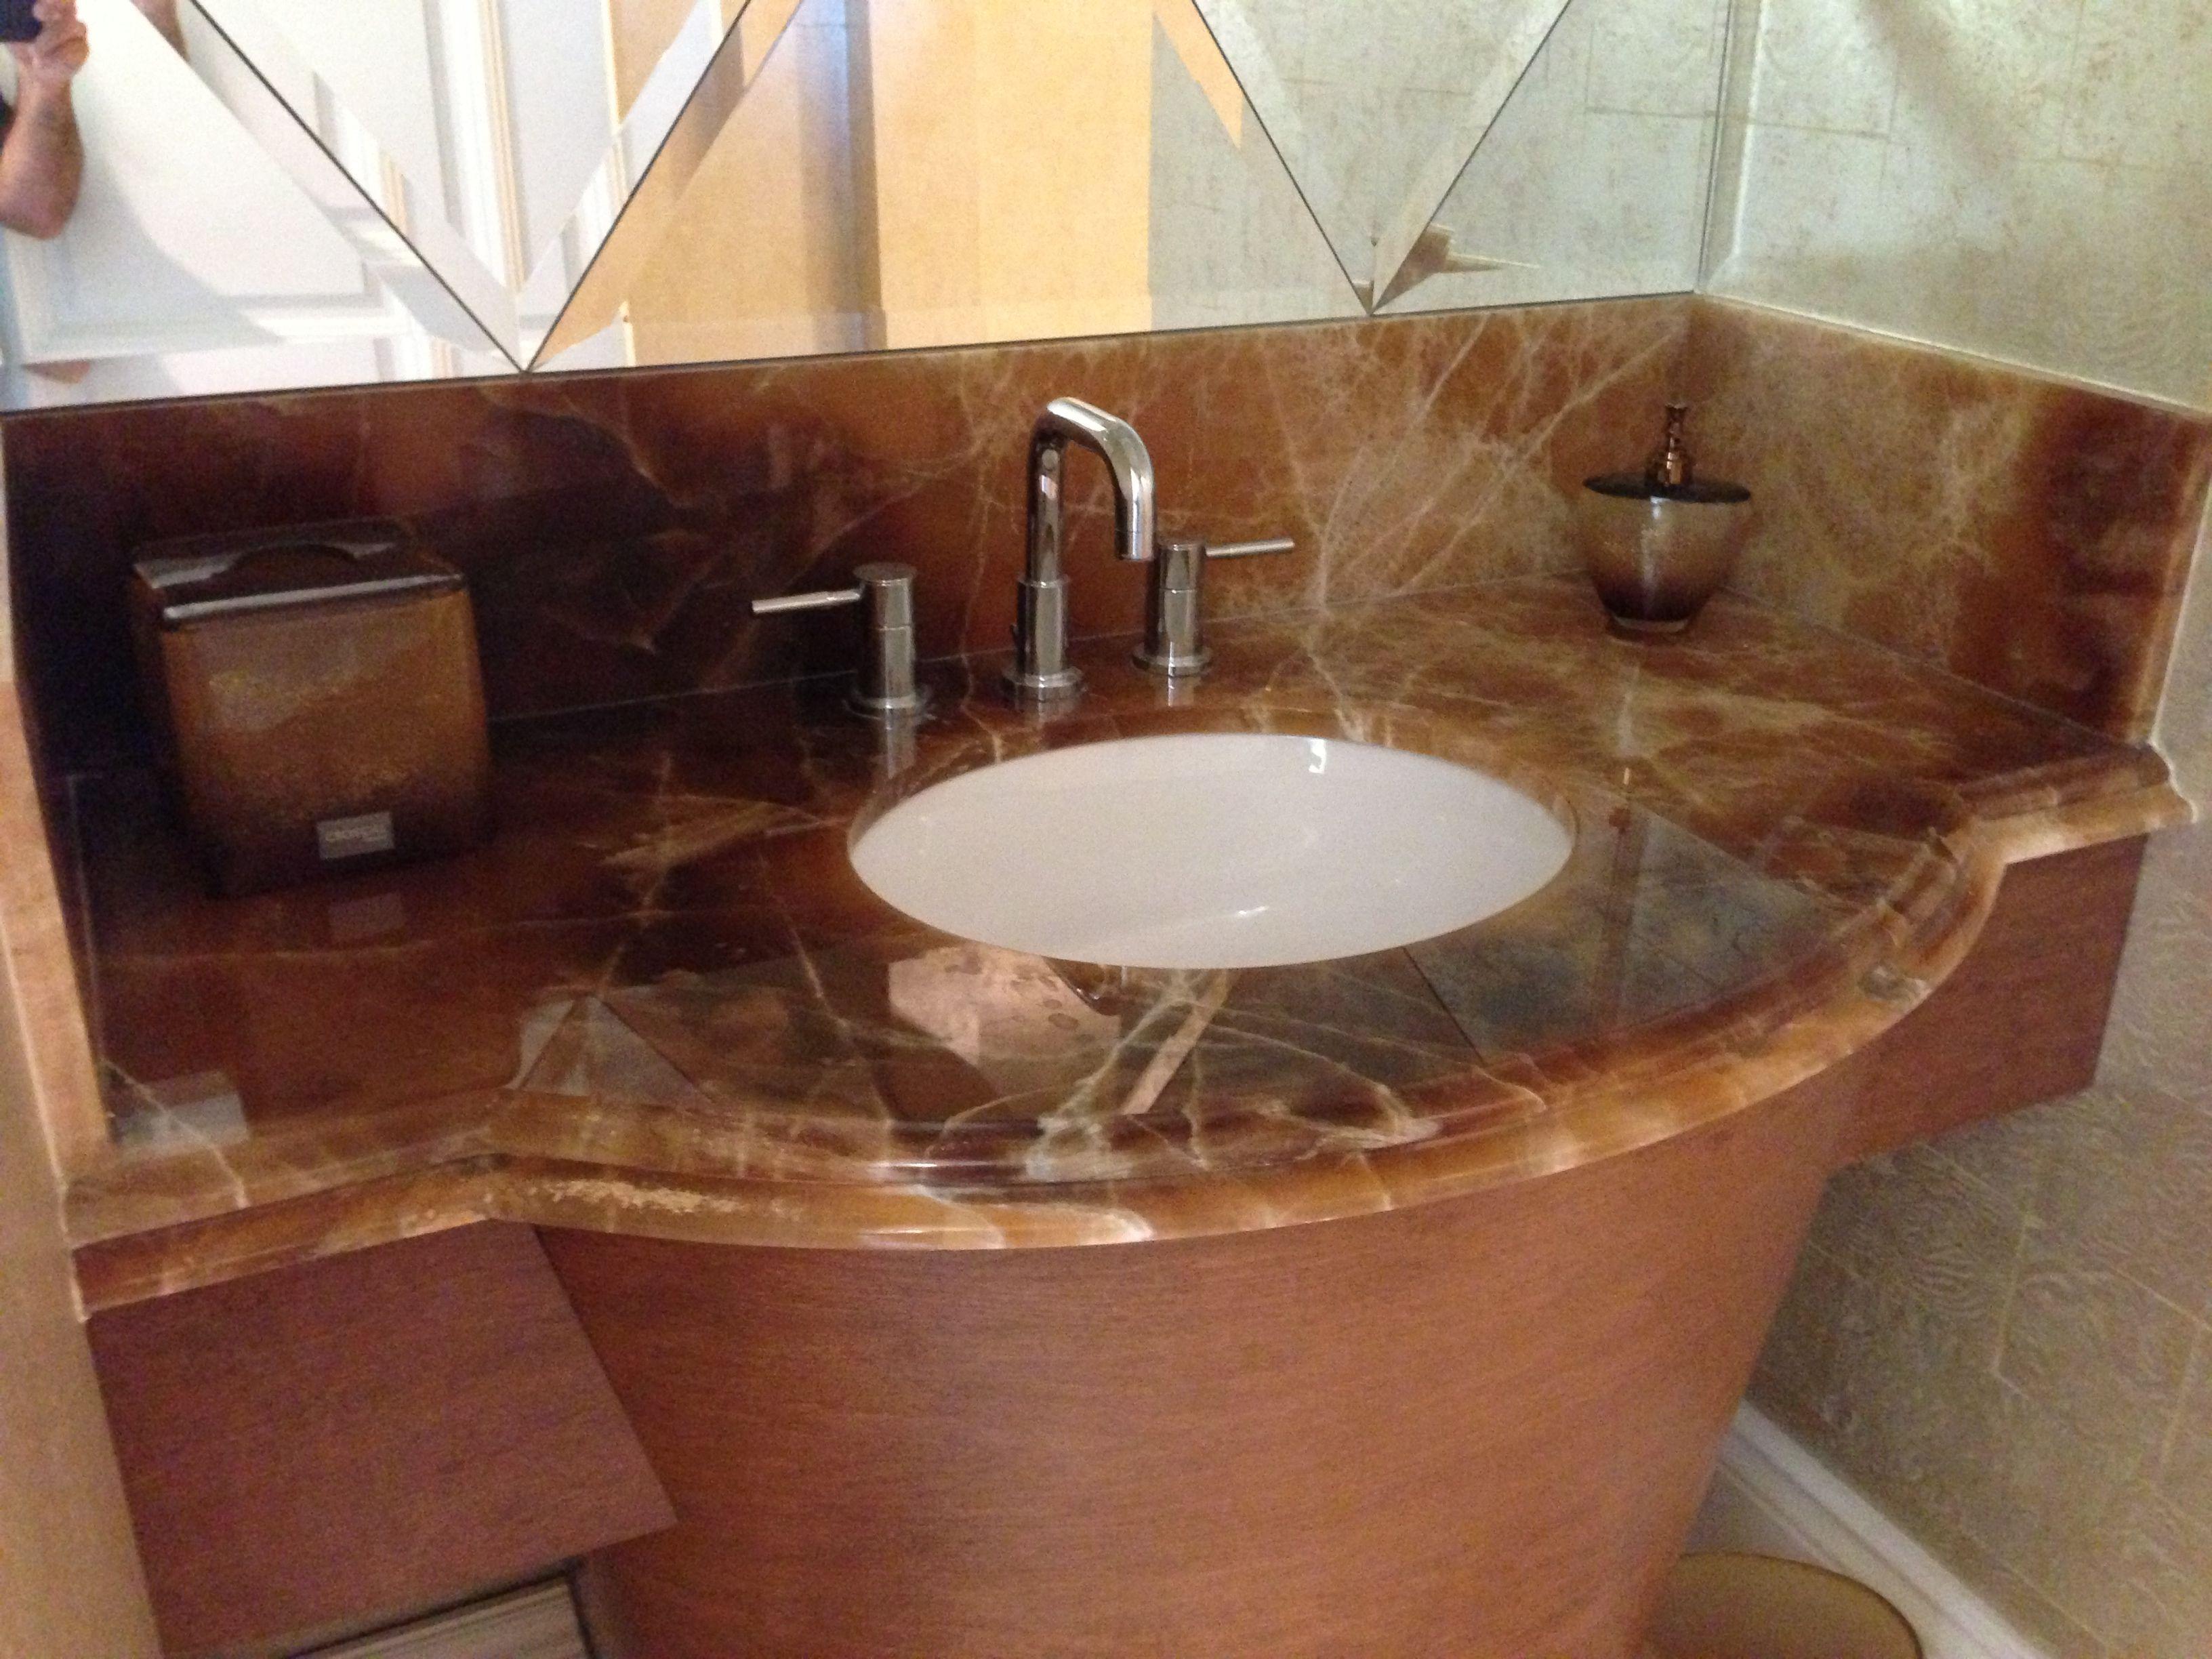 Brown Granite Bathroom Vanity Countertop | ADP Surfaces of ...